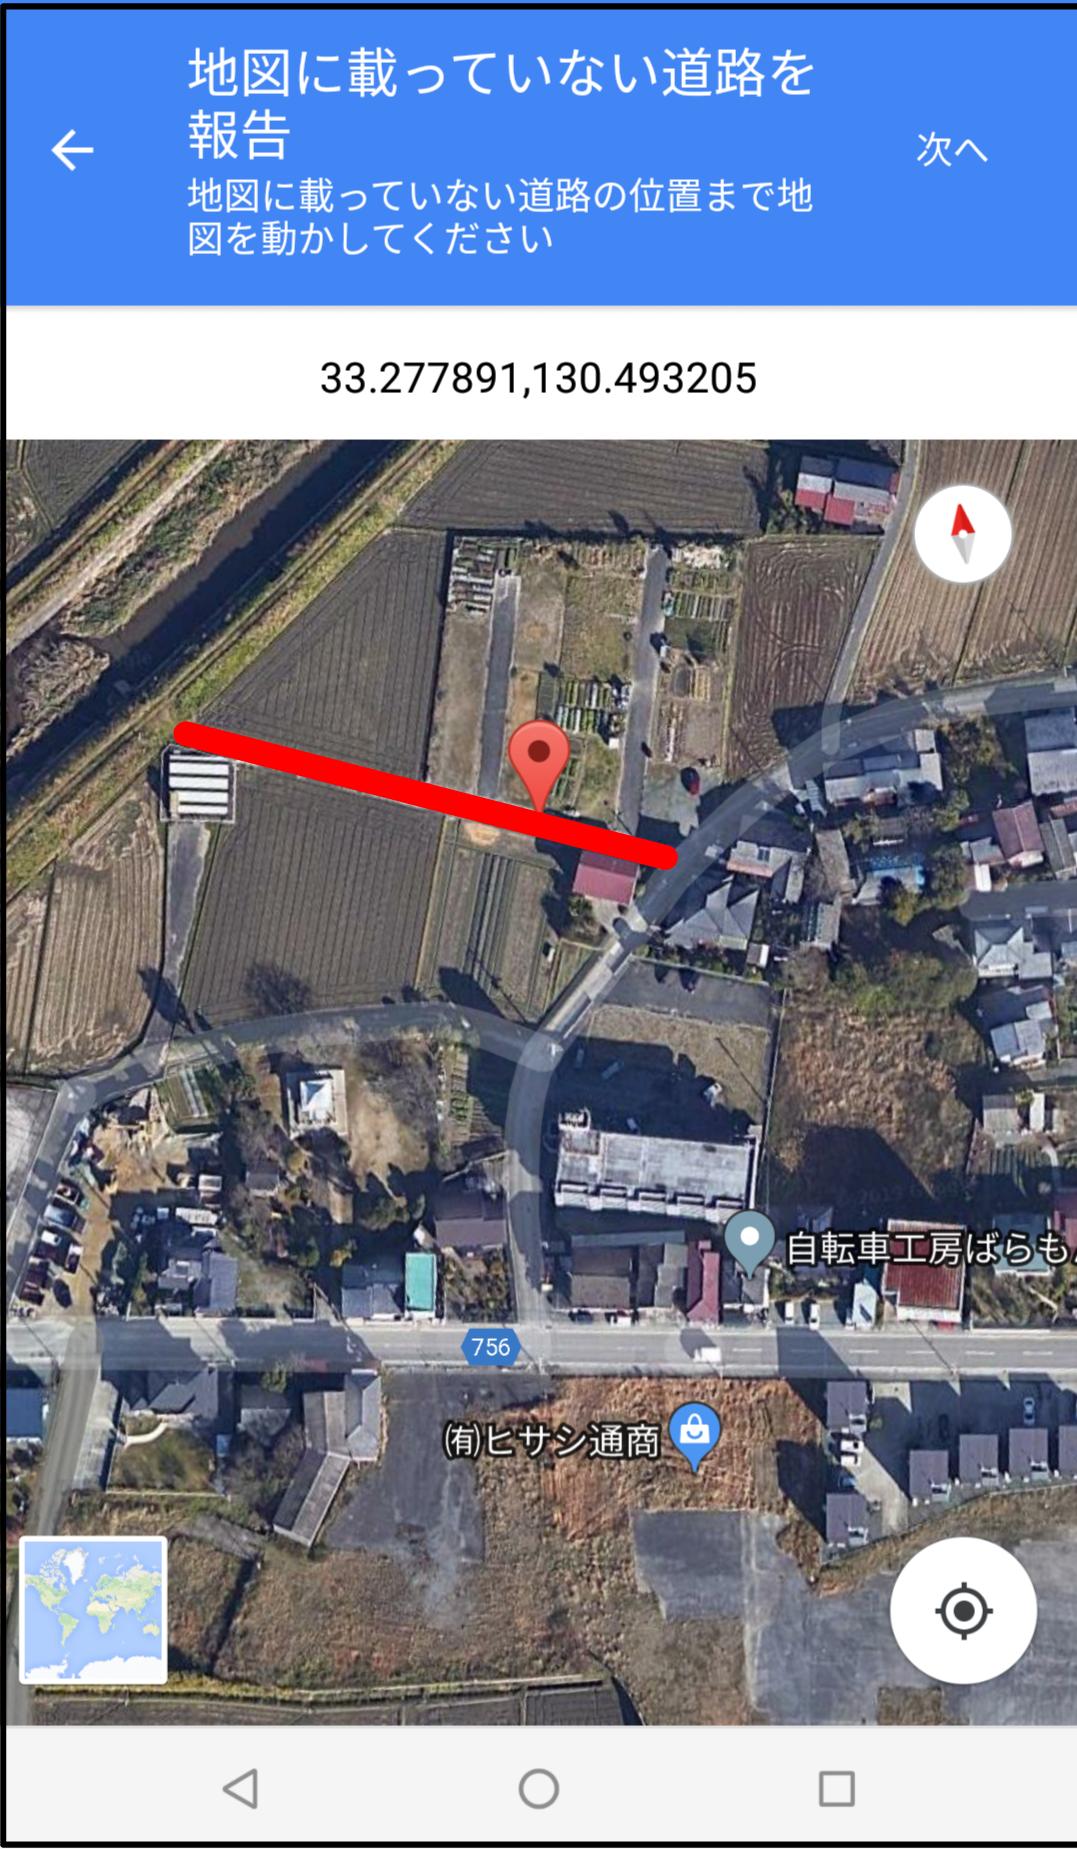 Googleマップで地図に載っていない道路を追加する